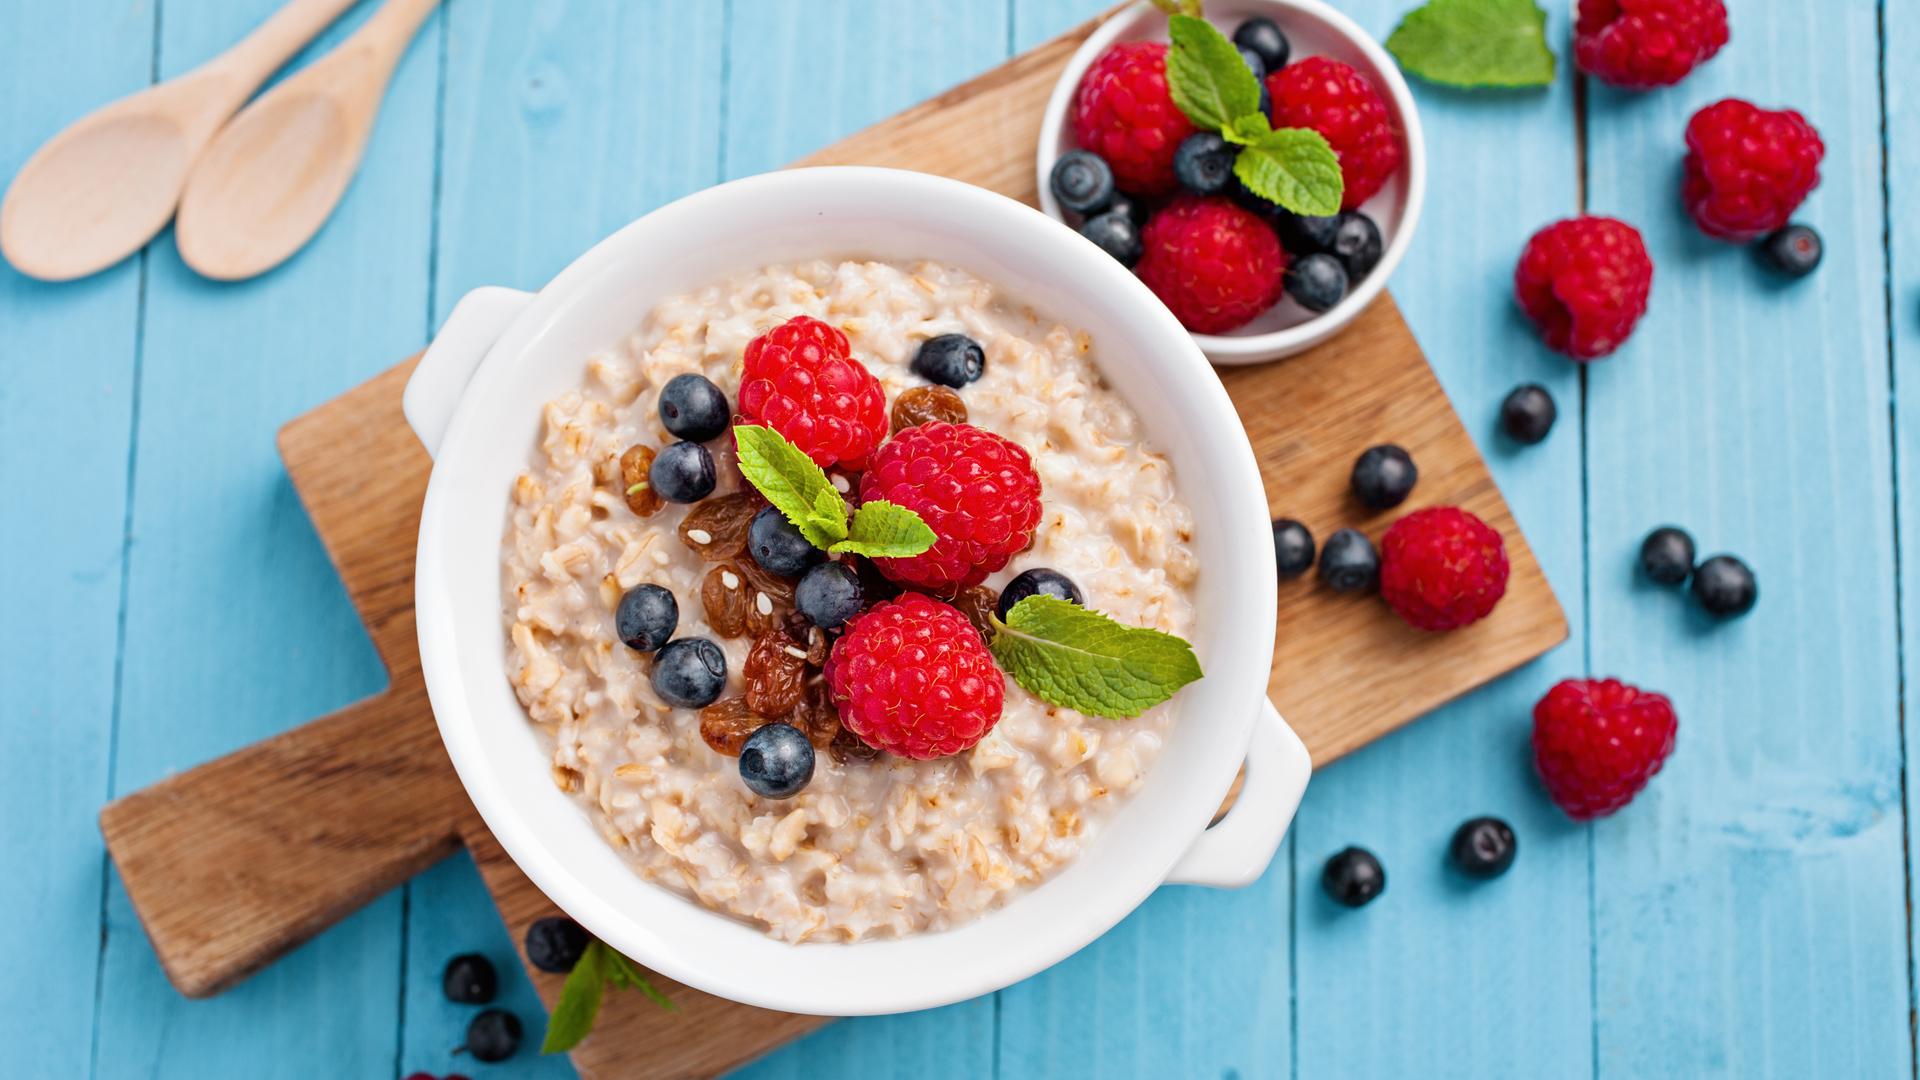 Desayuno saludable, escolares concentrados